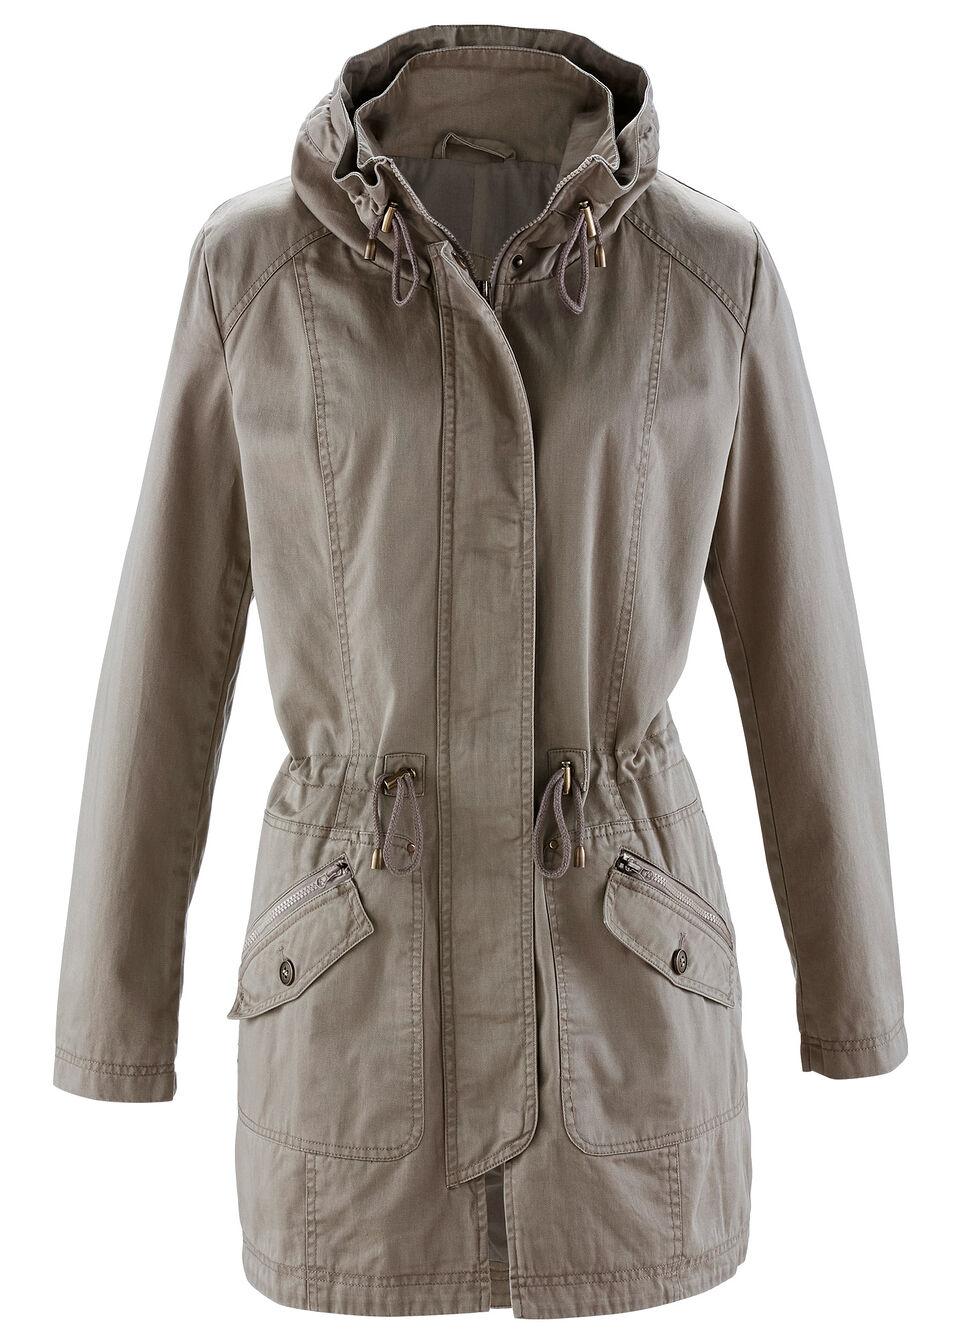 Купить Куртки и плащи, Парка из хлопка, bonprix, серо-коричневый